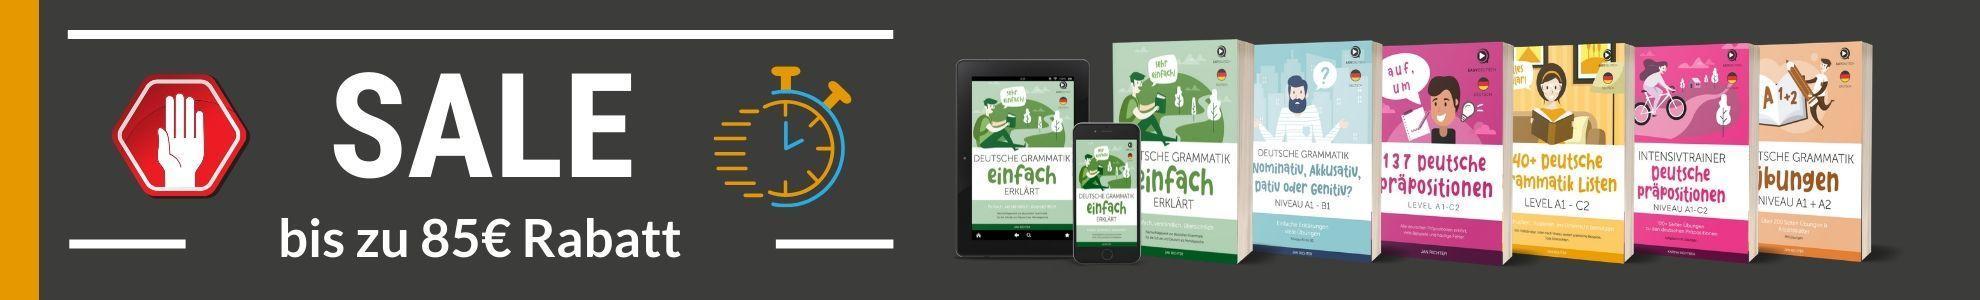 Deutsche Grammatik Buch PDF Ebook